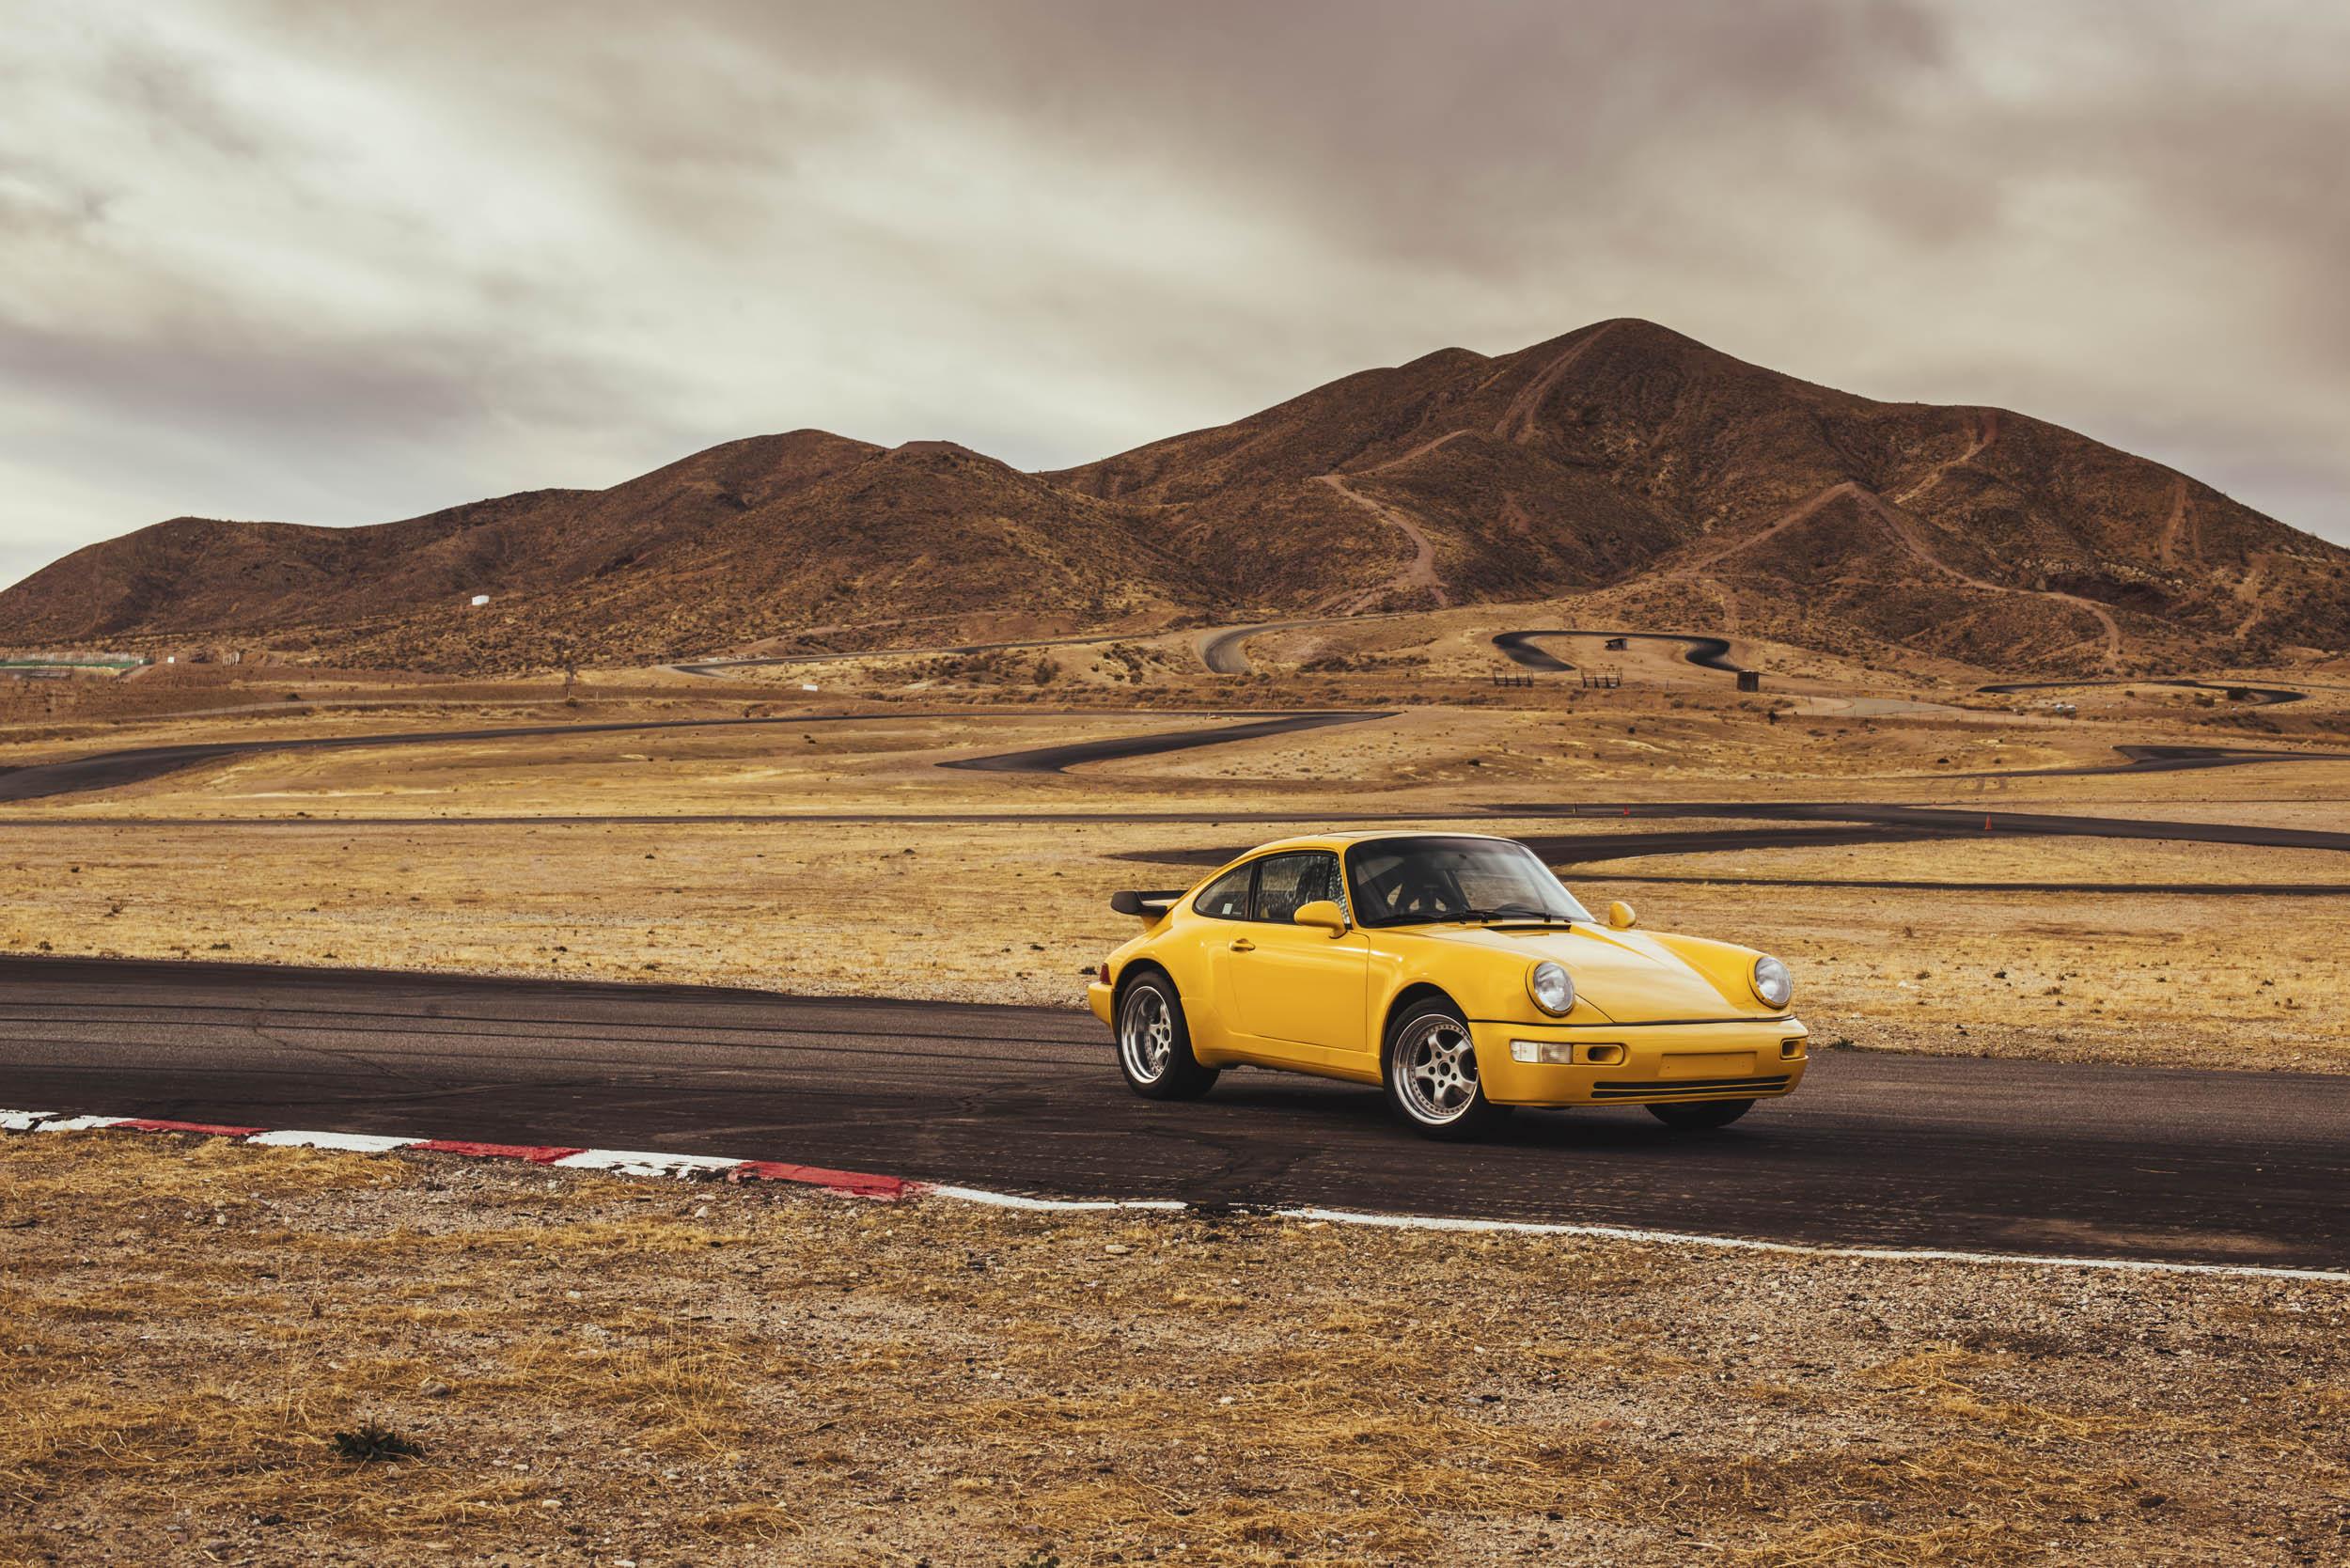 1975 Porsche 911 racing